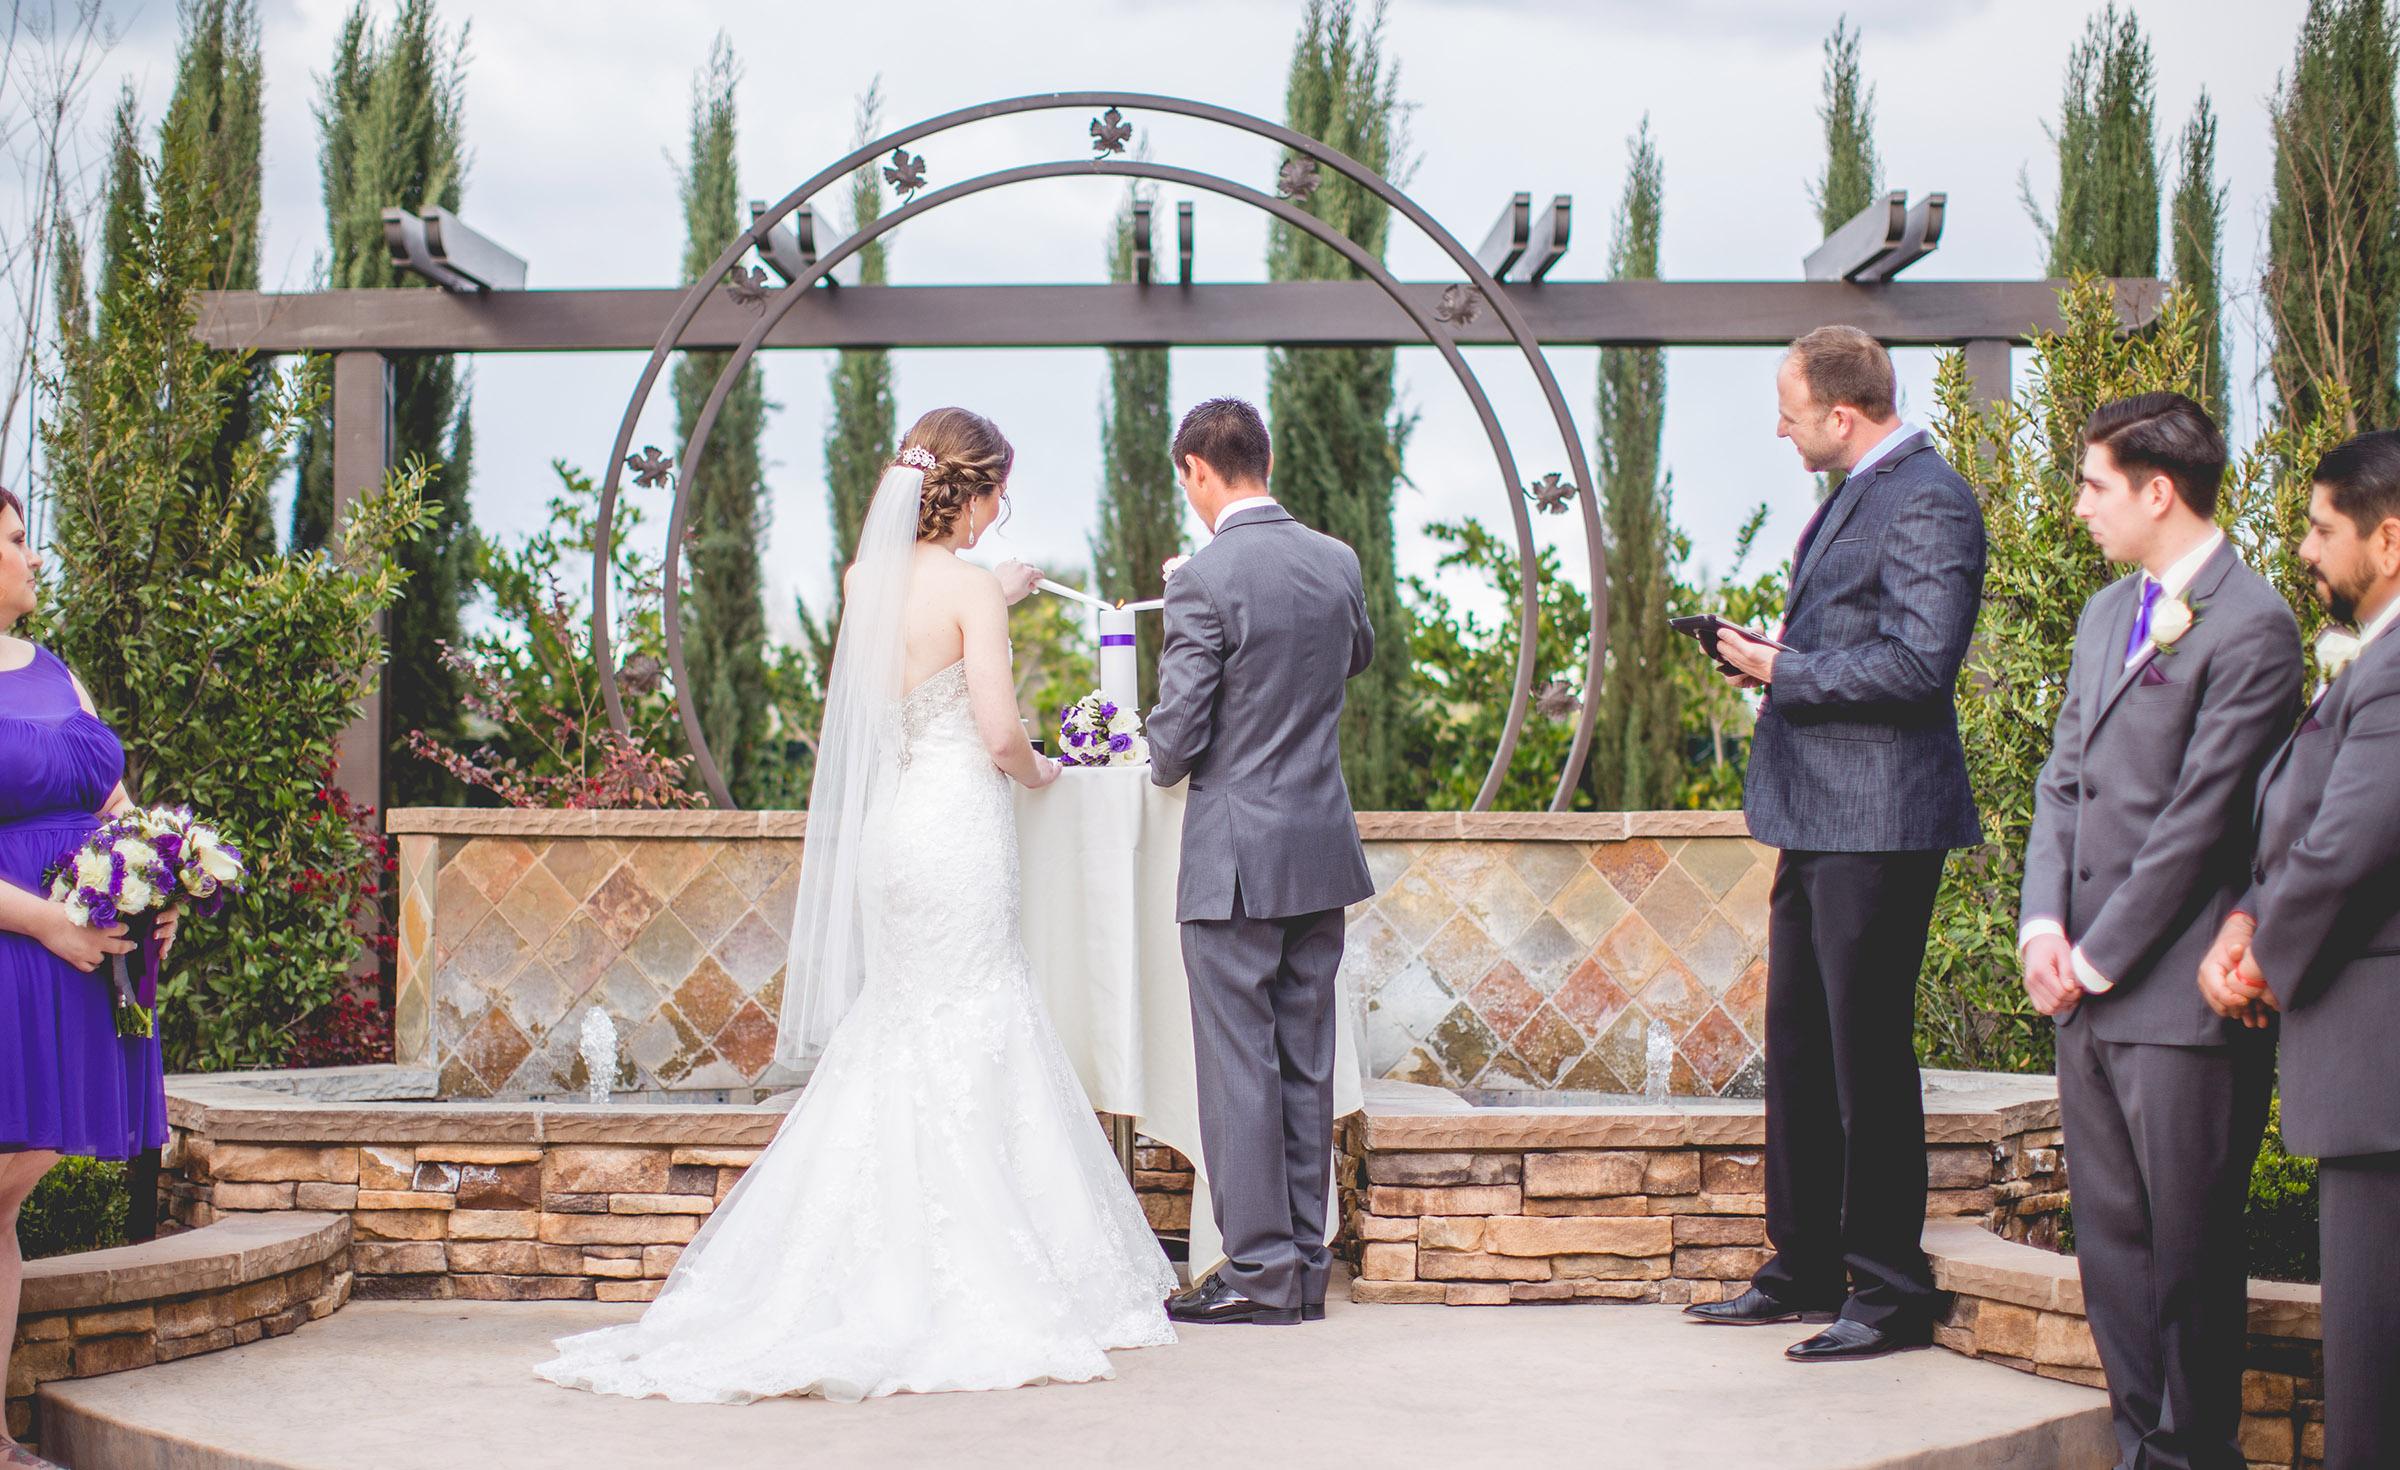 Ceremony - Fresno - Fresno, California - Frenso County - Wedgewood Weddngs